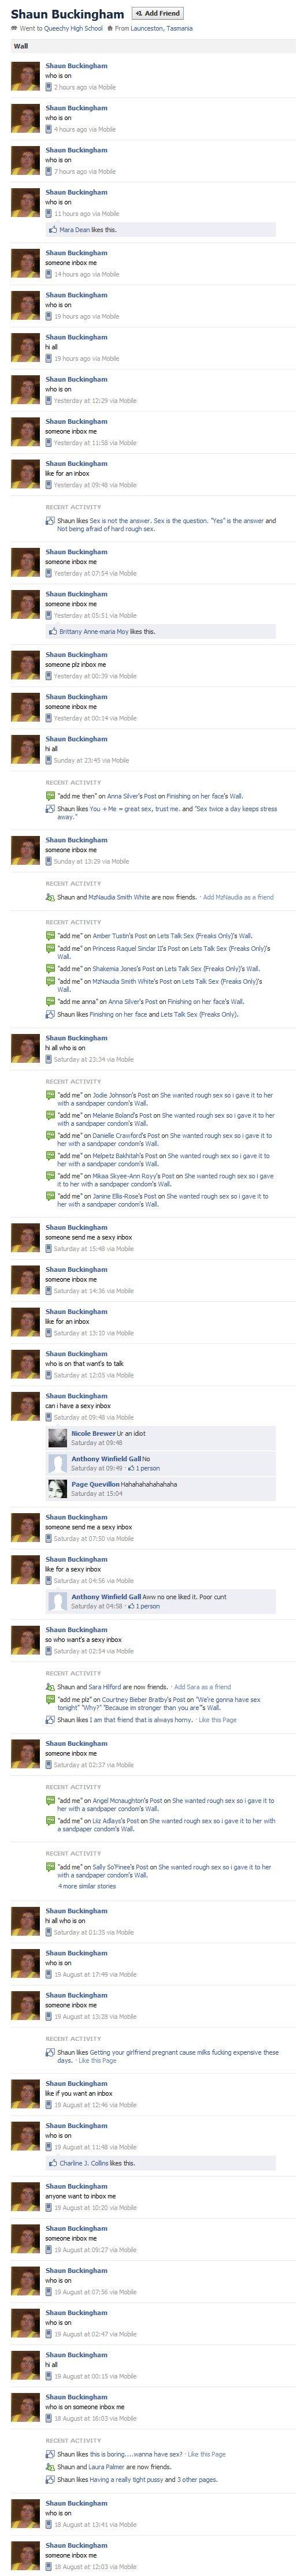 Facebook (1). . Shaun Budd geam E ?hoos ago Hobie E Theos ago ( E .. hours ago ild Hobie sh Mara Dean was ths E ago ild .555 all E .5 hours ago ( Hobie 5. 5.... facebook